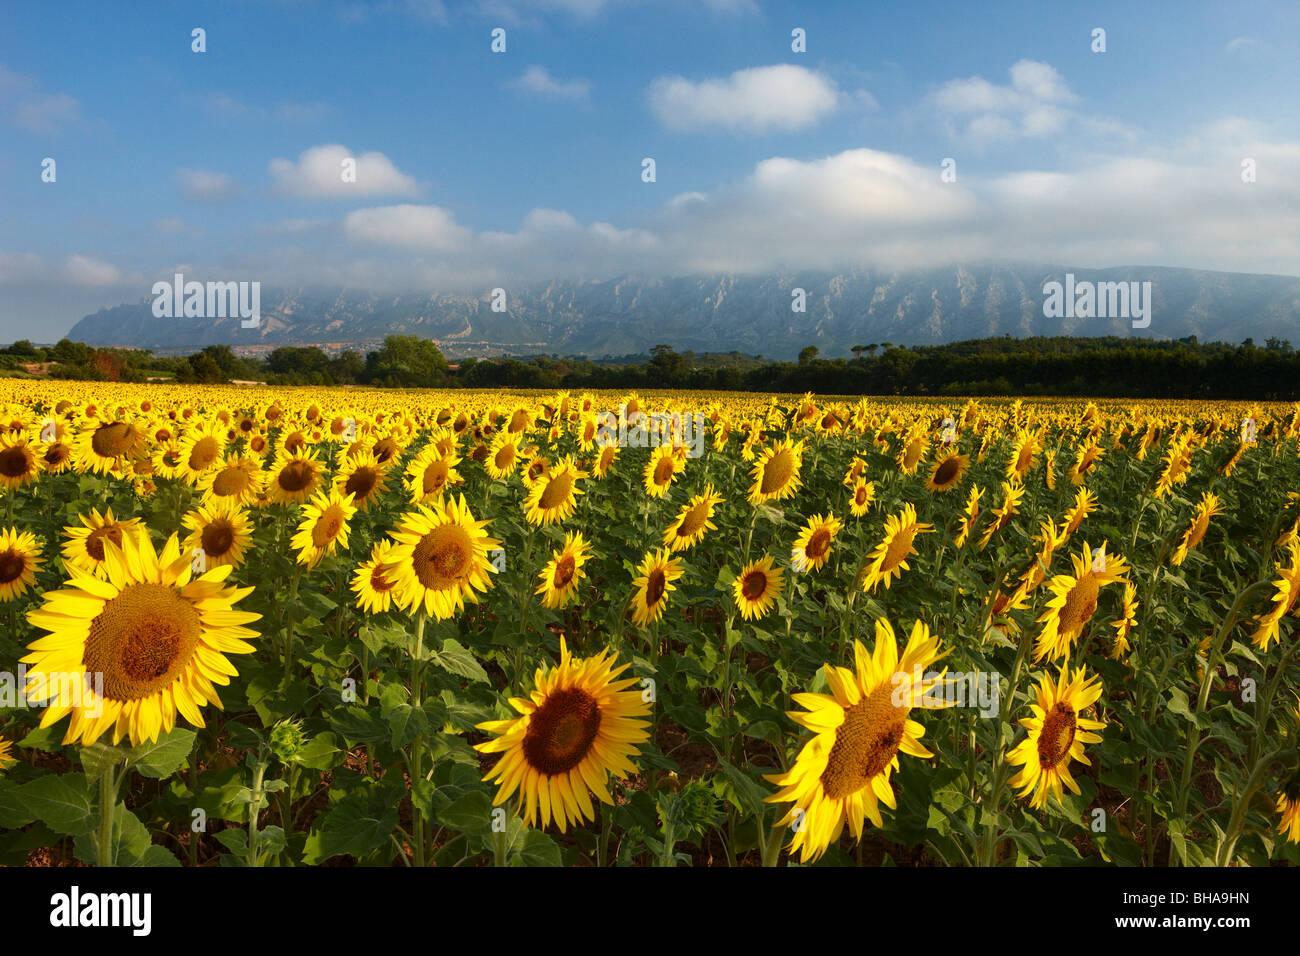 ein Feld von Sonnenblumen nr Puyloubier mit Montagne Ste Victoire hinaus Bouches du Rhone, Provence, Frankreich Stockbild